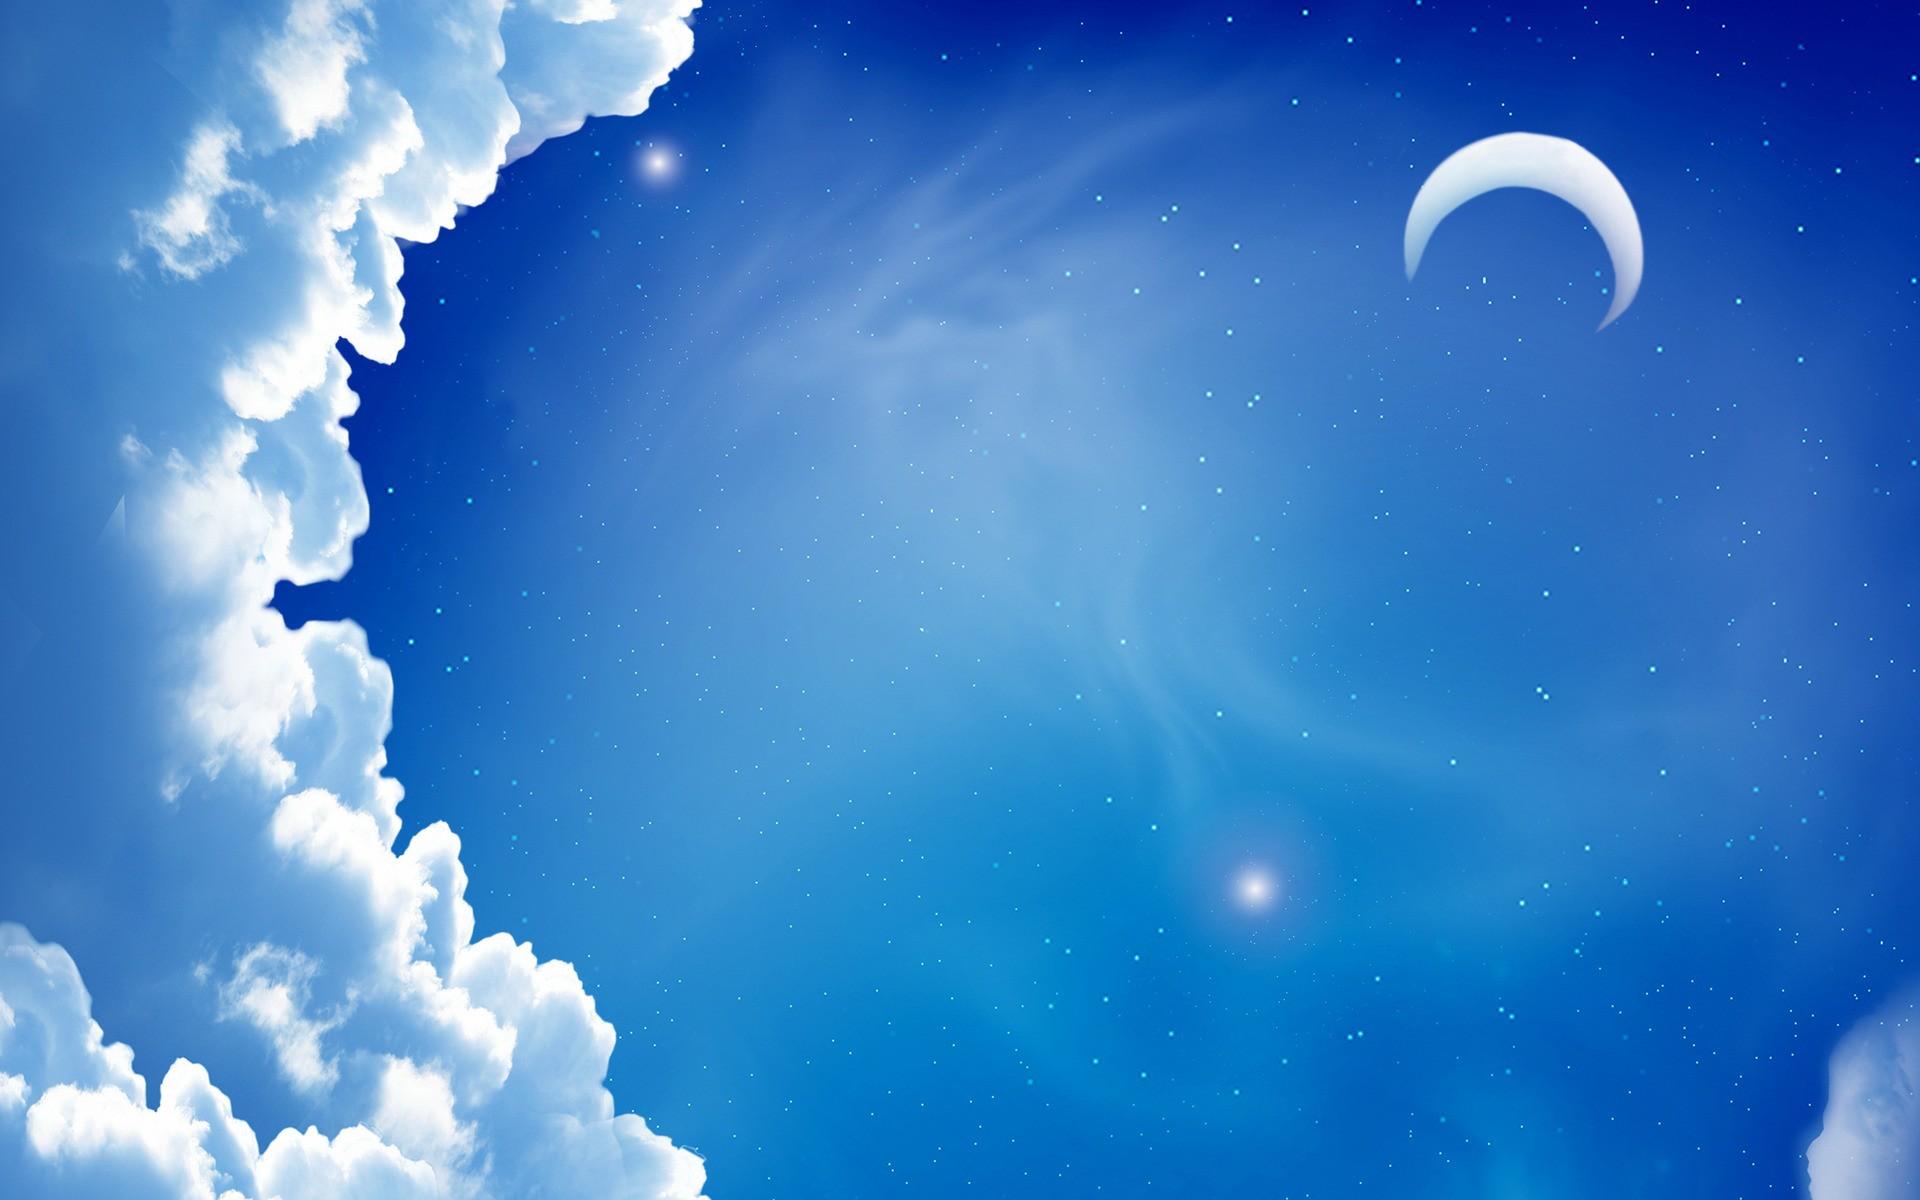 Cielo y nubes en digital - 1920x1200